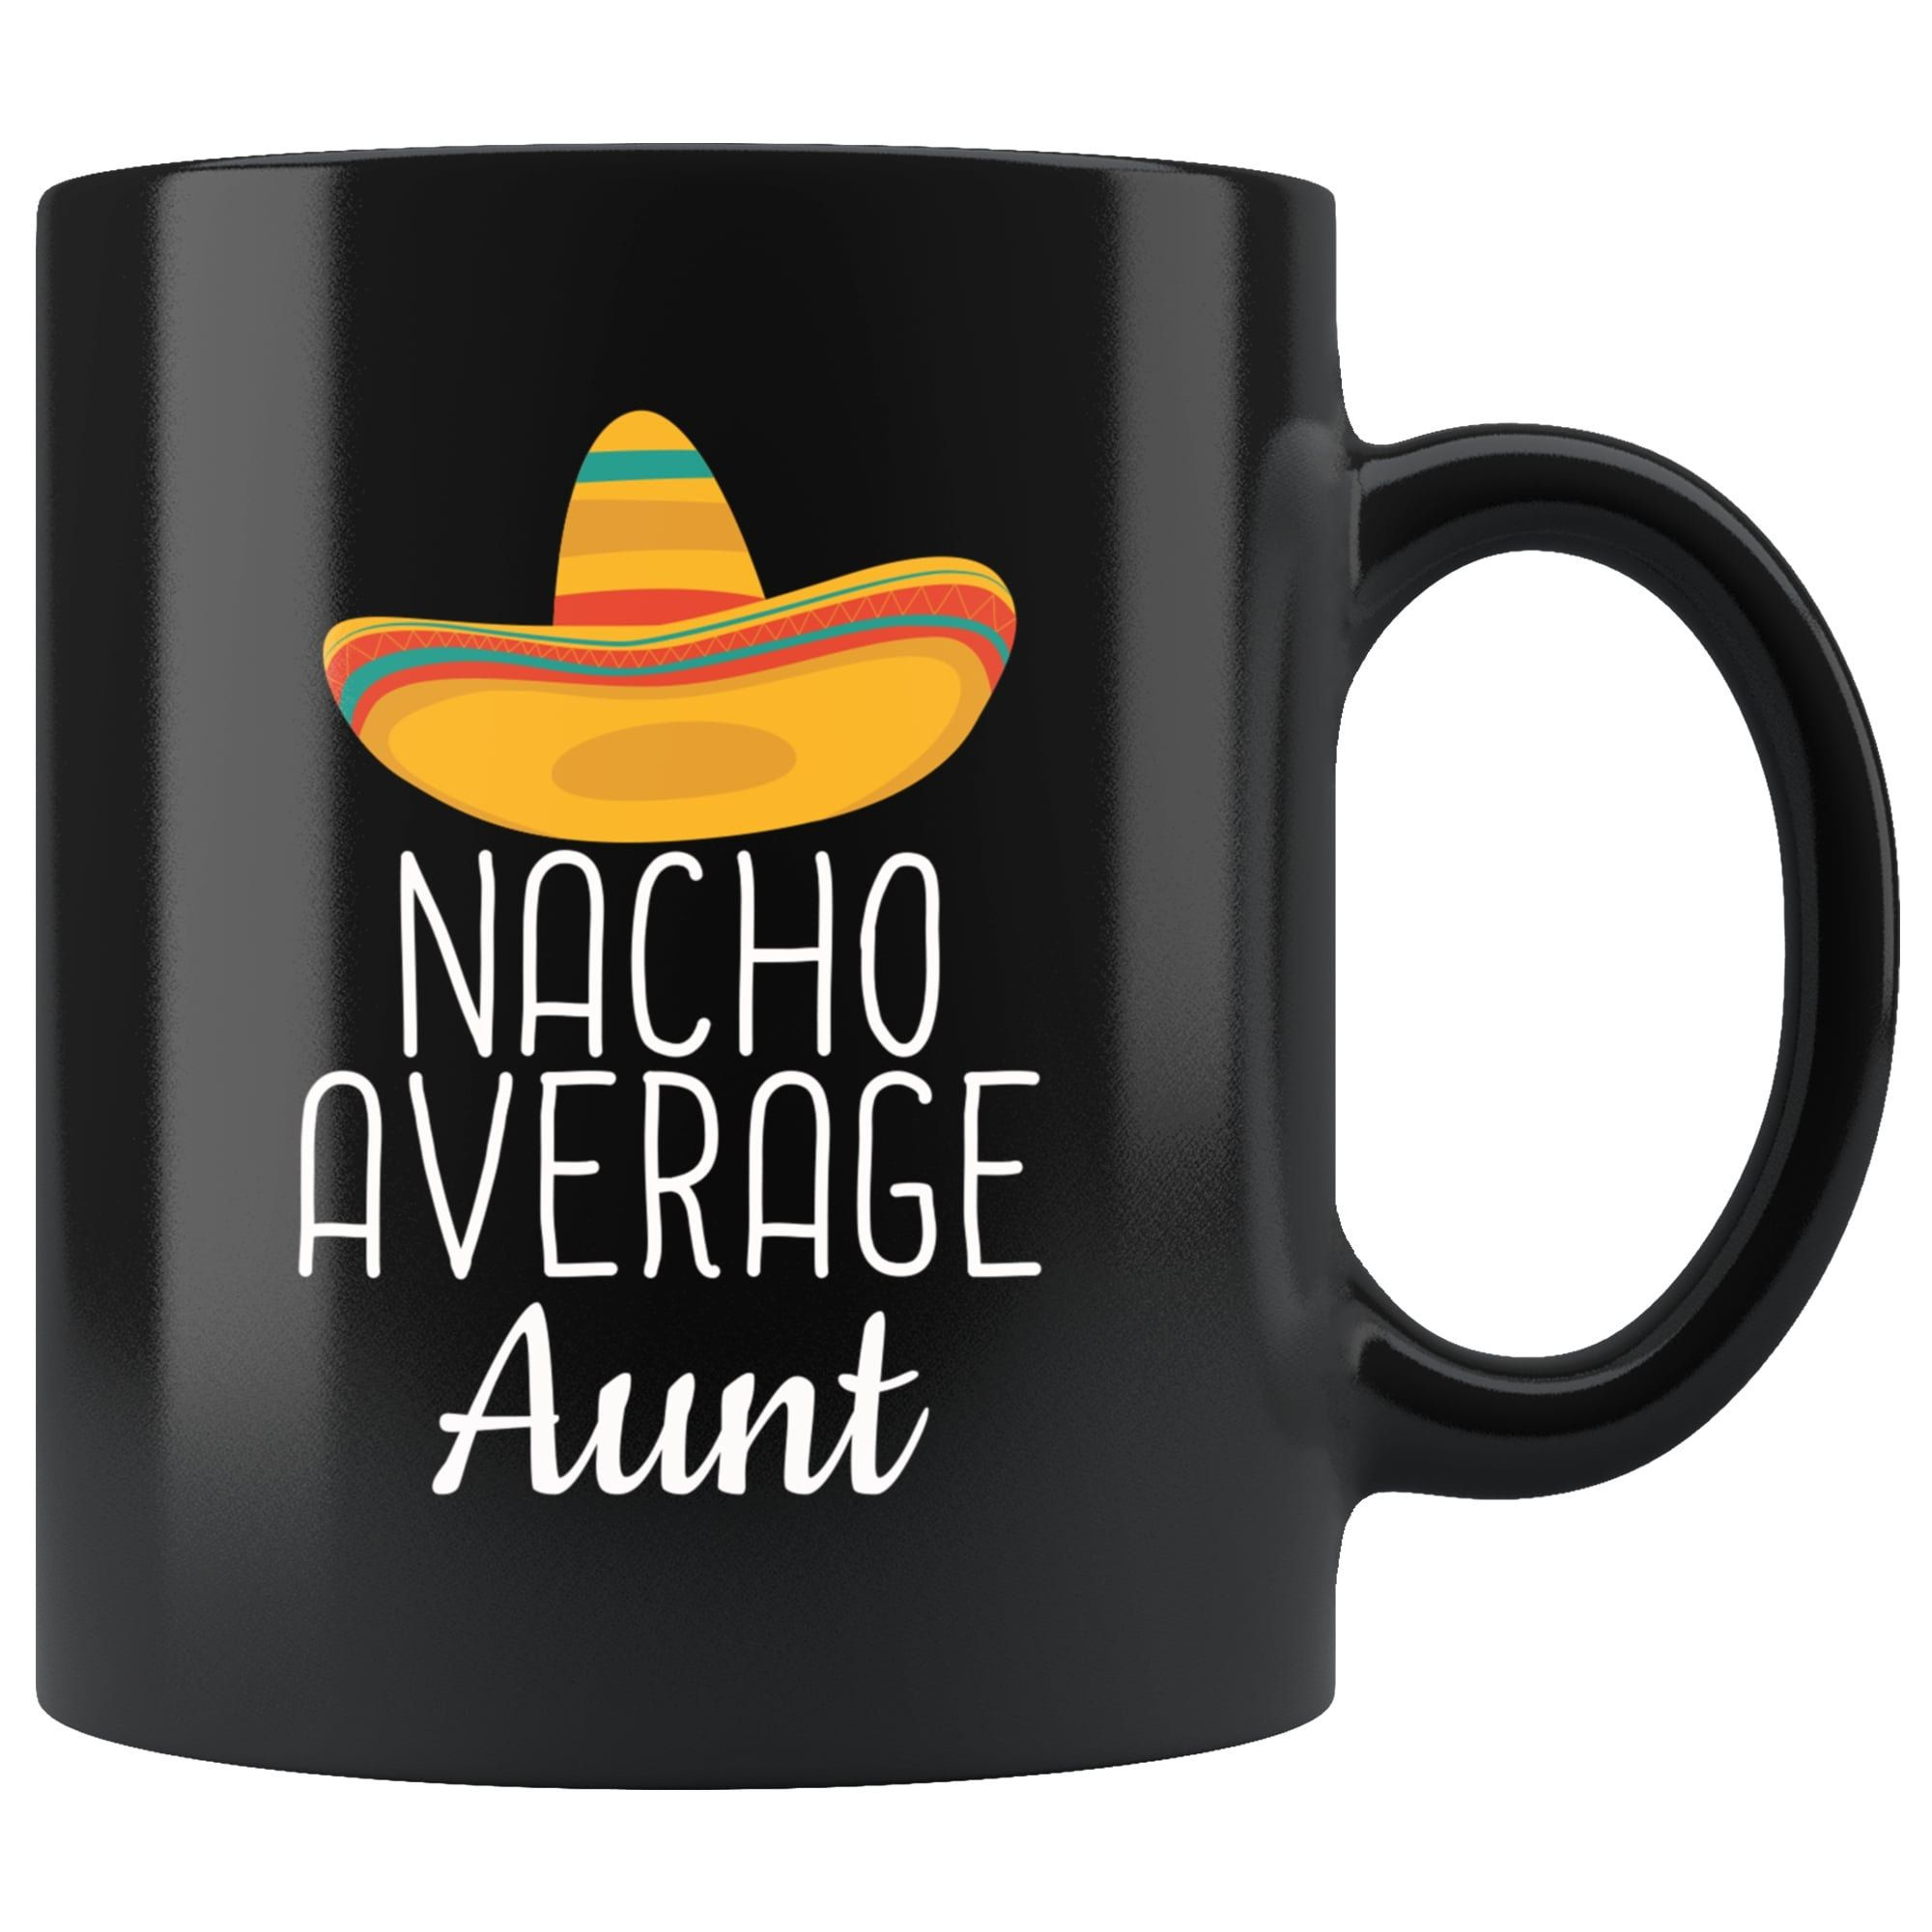 Aunt gifts nacho average aunt mug funny aunt gift idea